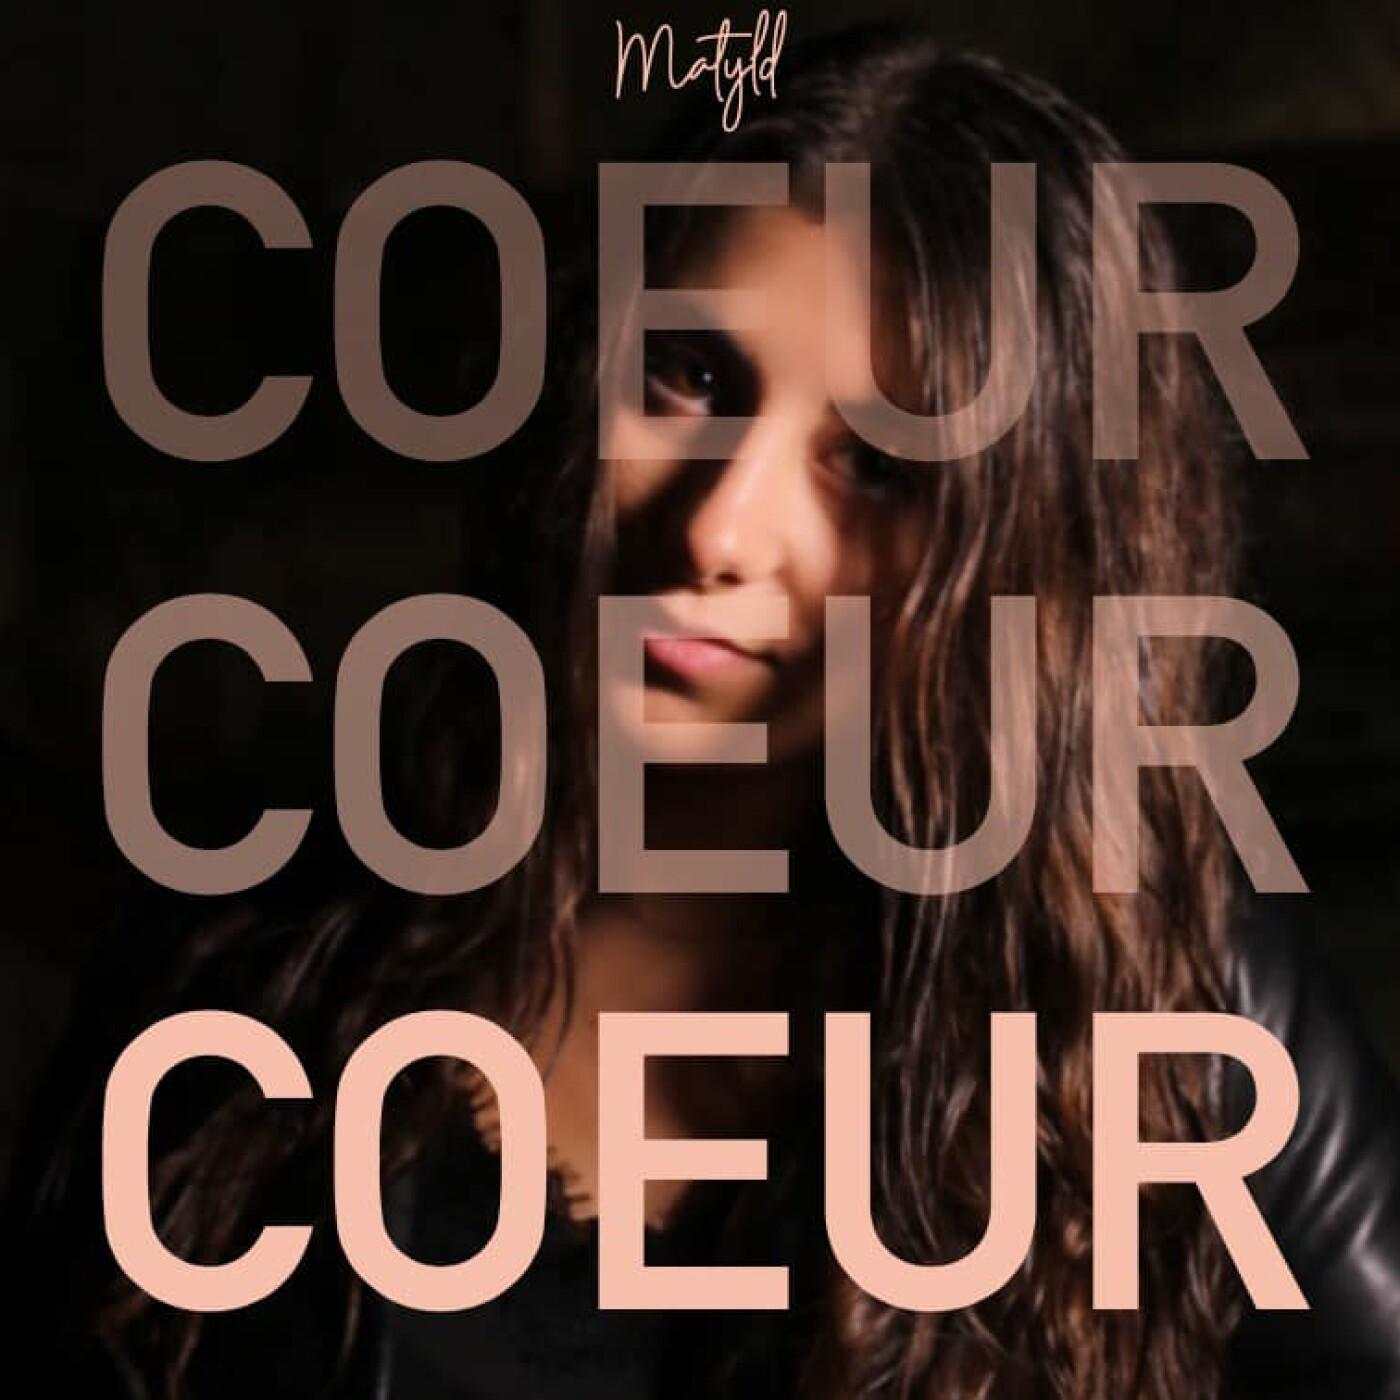 Mathyld, Artiste du jour, présente son nouveau titre Coeur - 10 03 2021 - StereoChic Radio